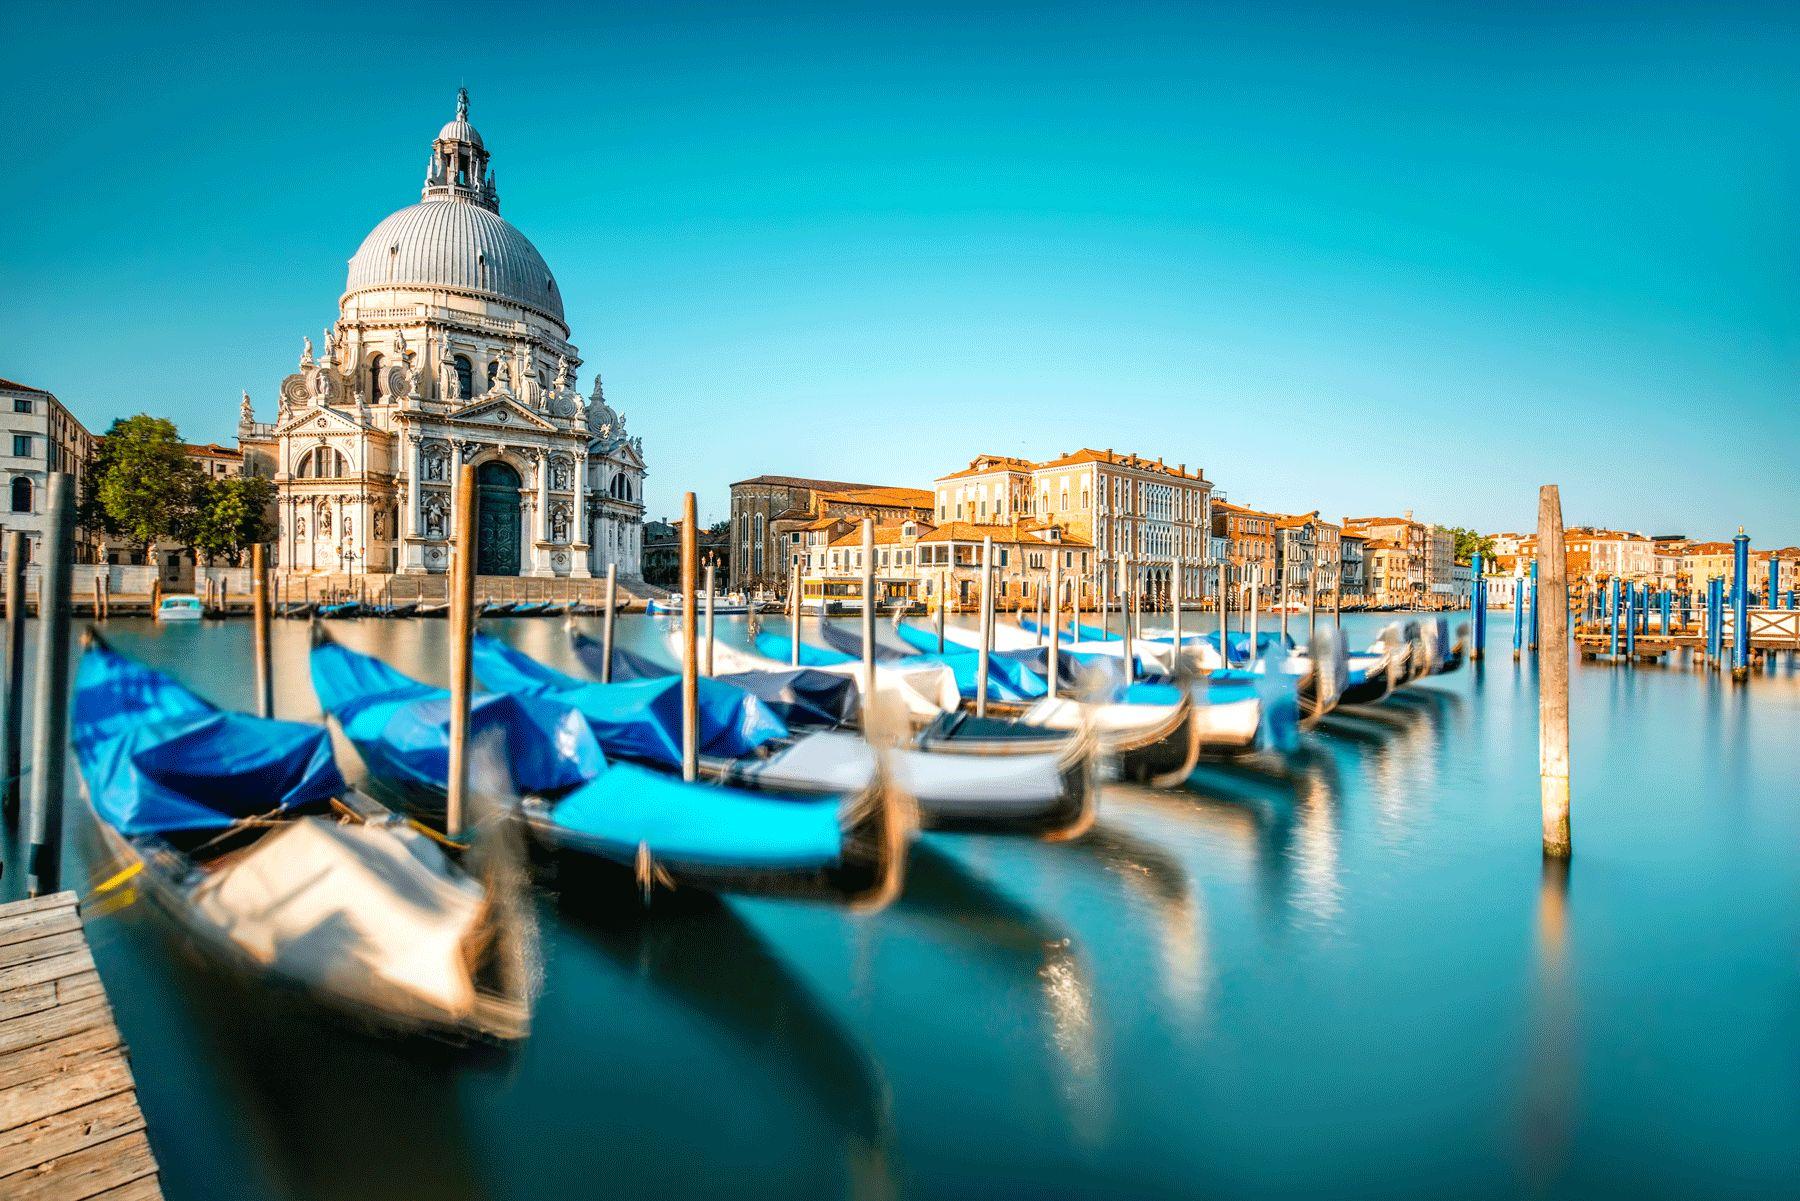 Venedig iStock592669064 web